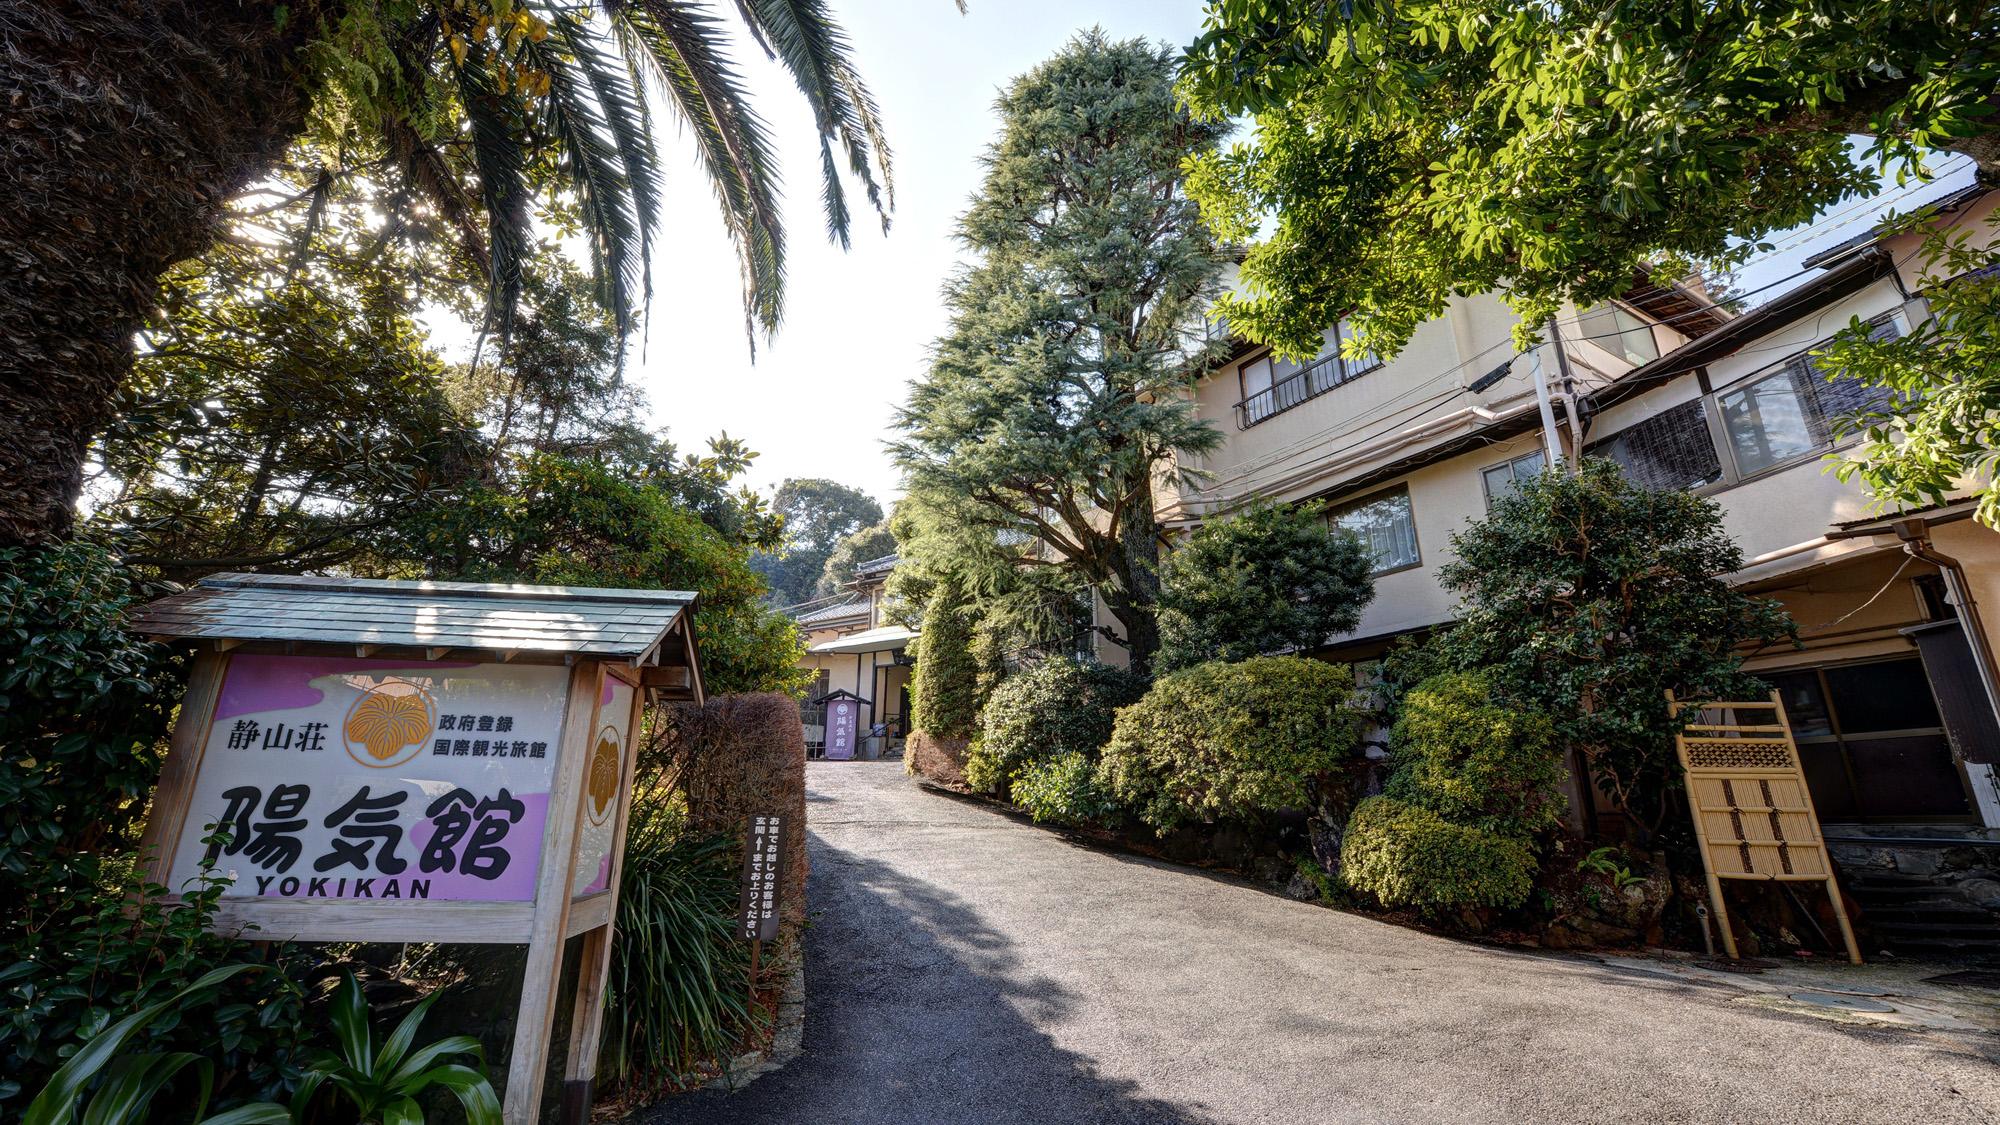 伊東温泉にシニアがのんびり過ごせる昔ながらの旅館はありますか?